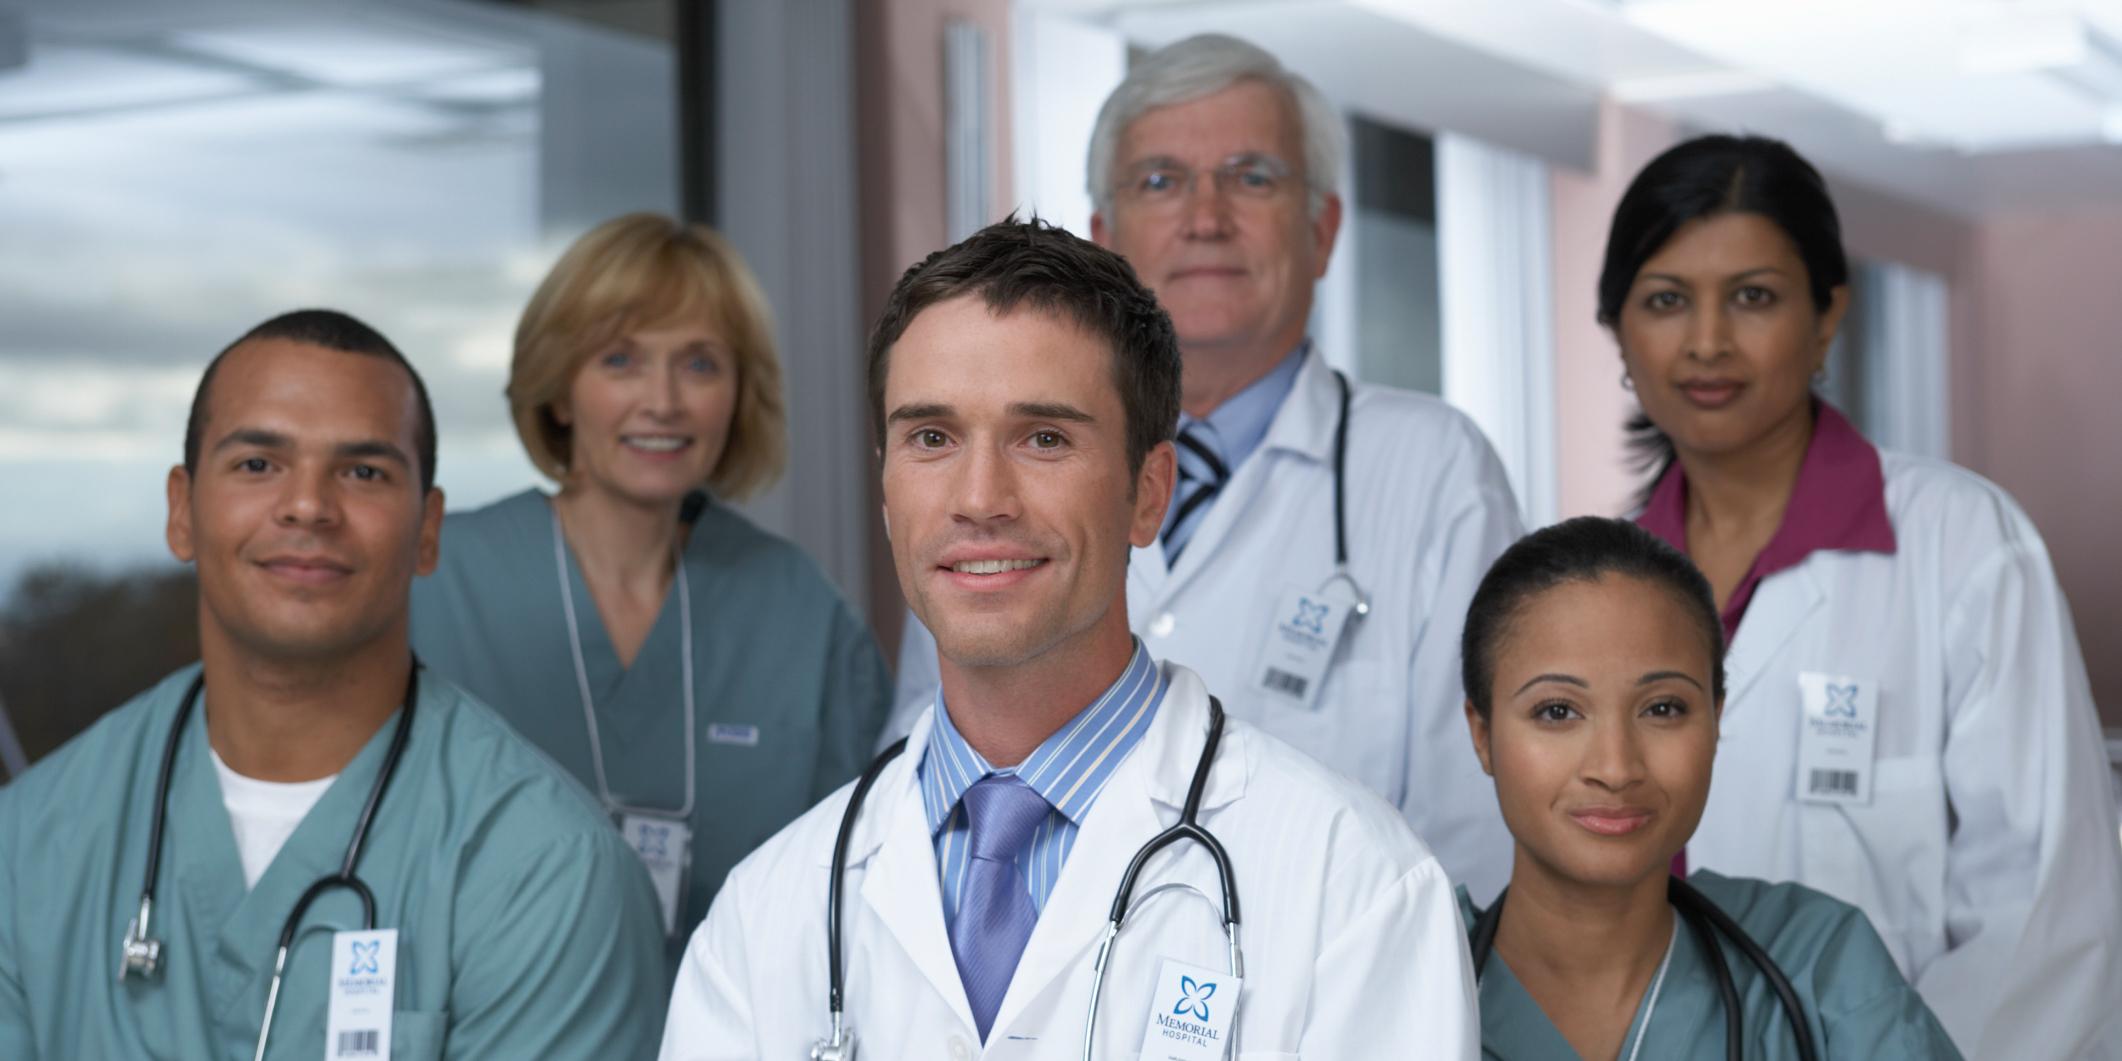 Hackensack Meridian Health Careers